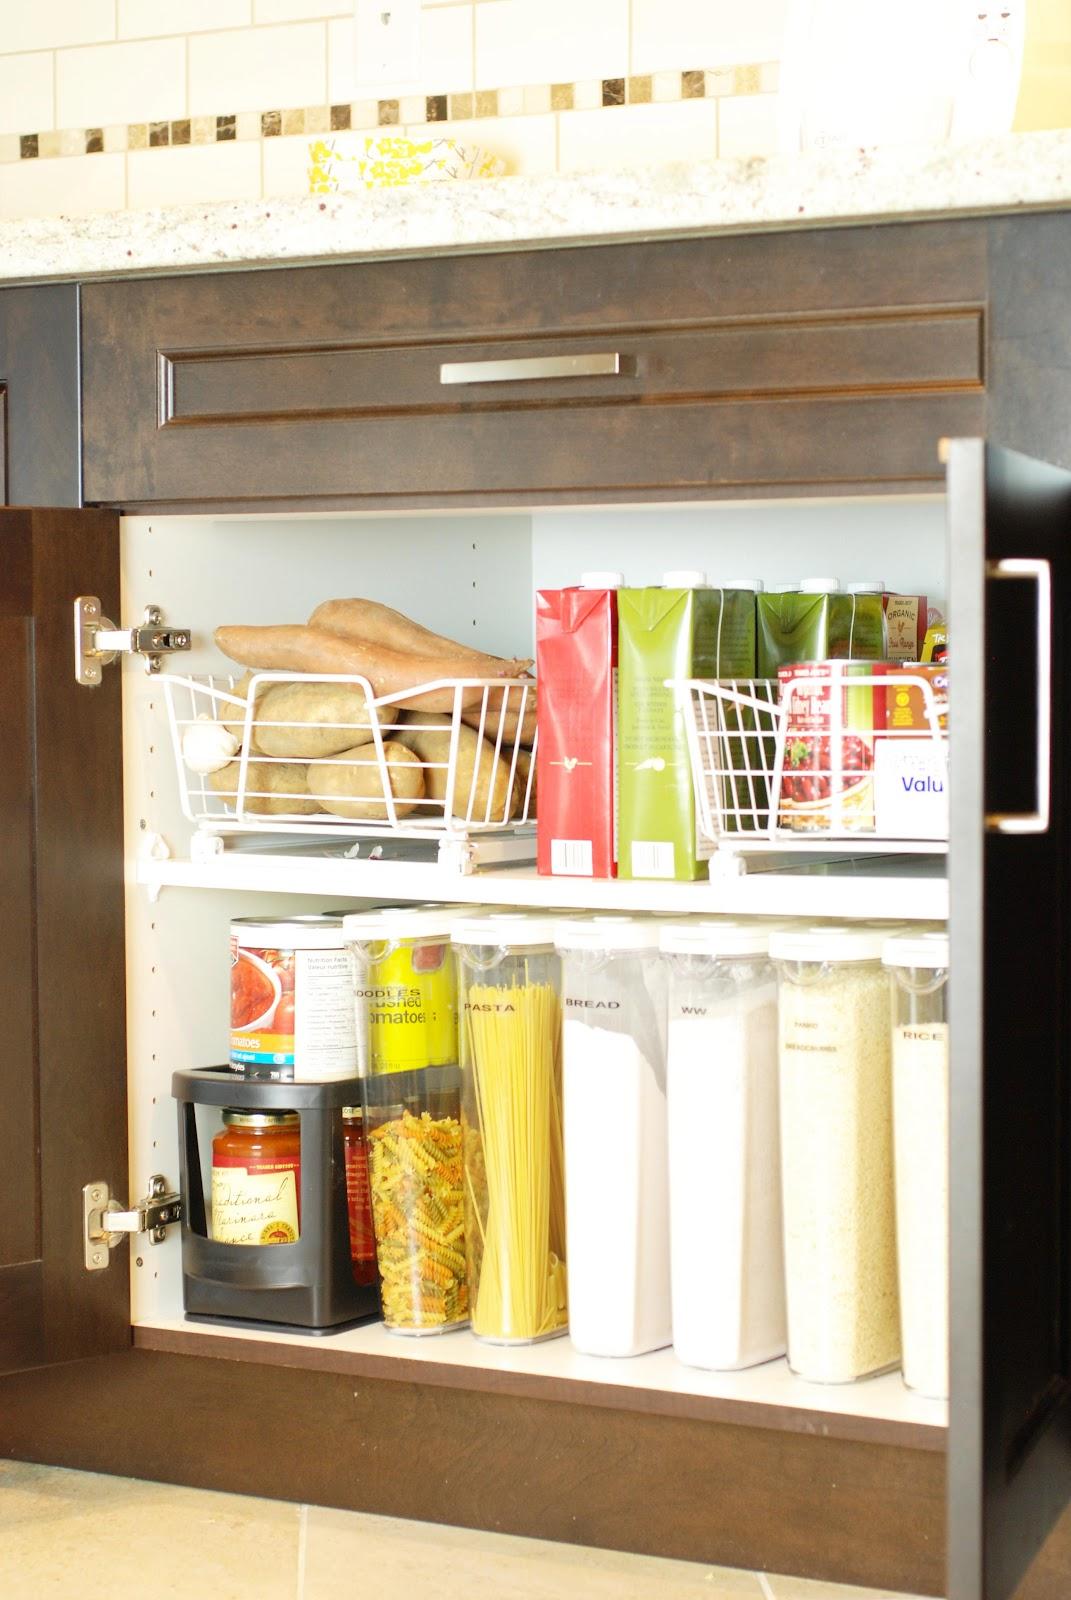 Kitchen Cabinets Kitchen Designs Kitchen Faucets Organizing Kitchen